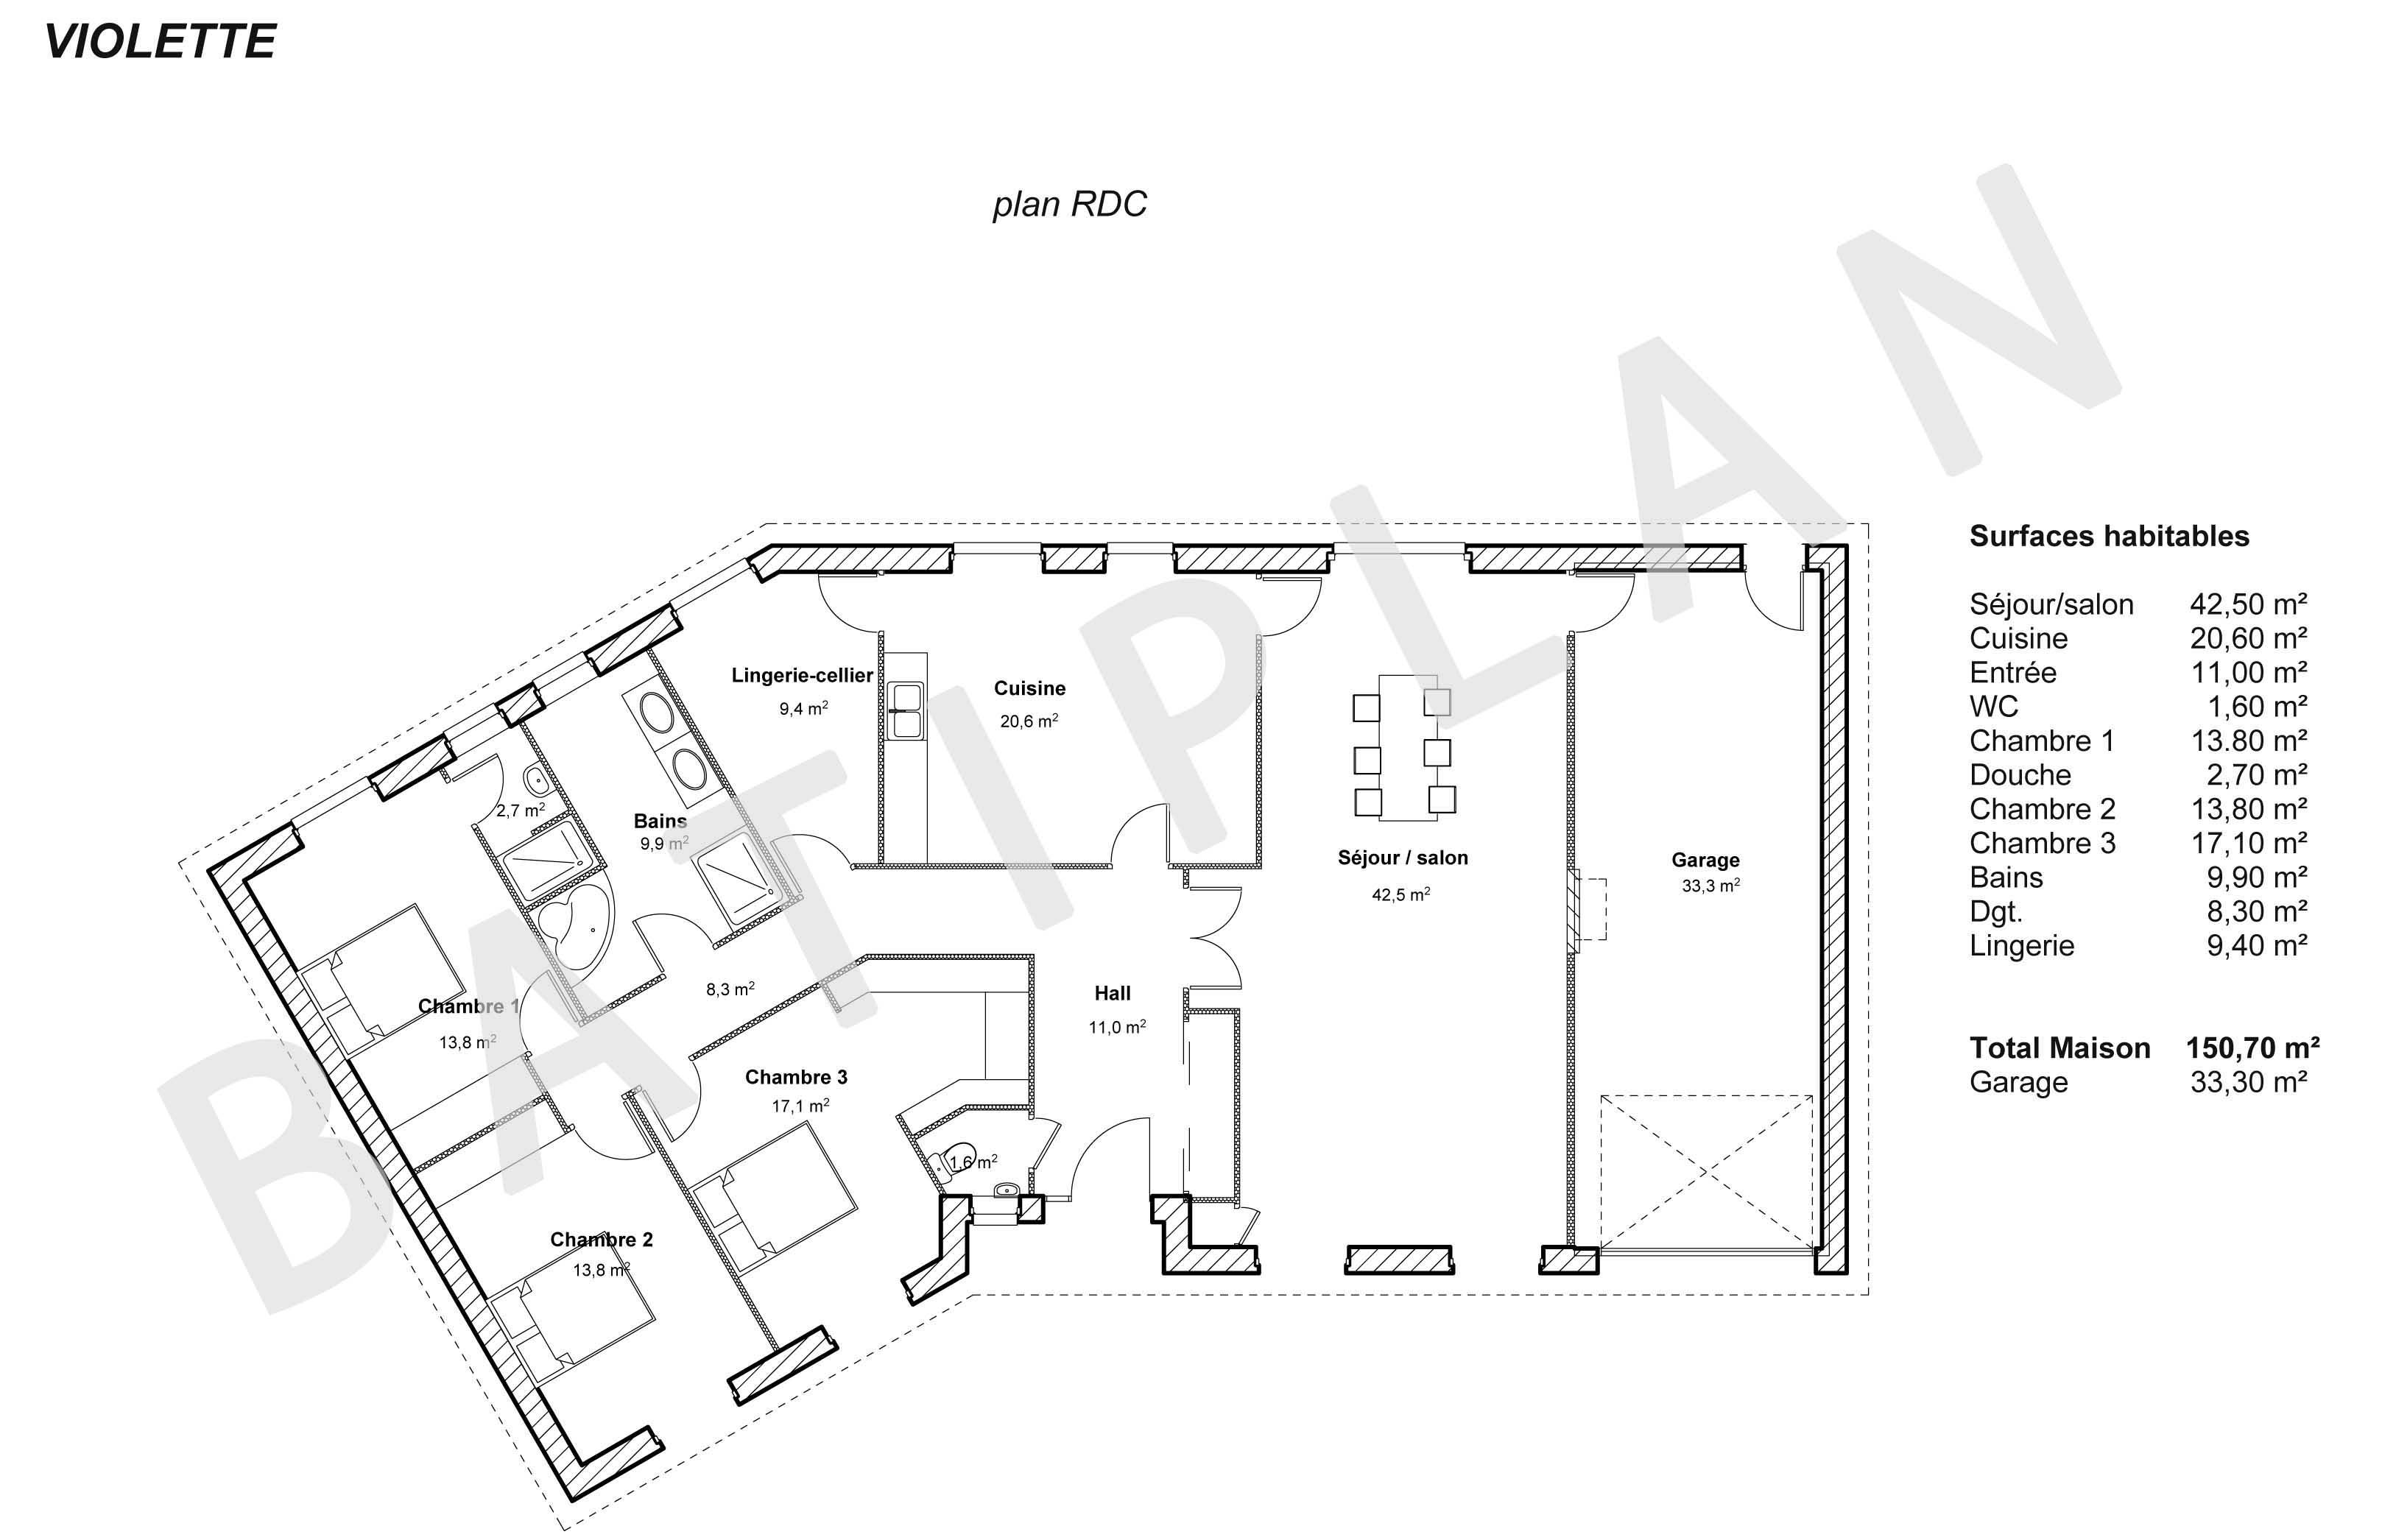 Plans et permis de construire notre plan de maison violette for Site de plan de maison